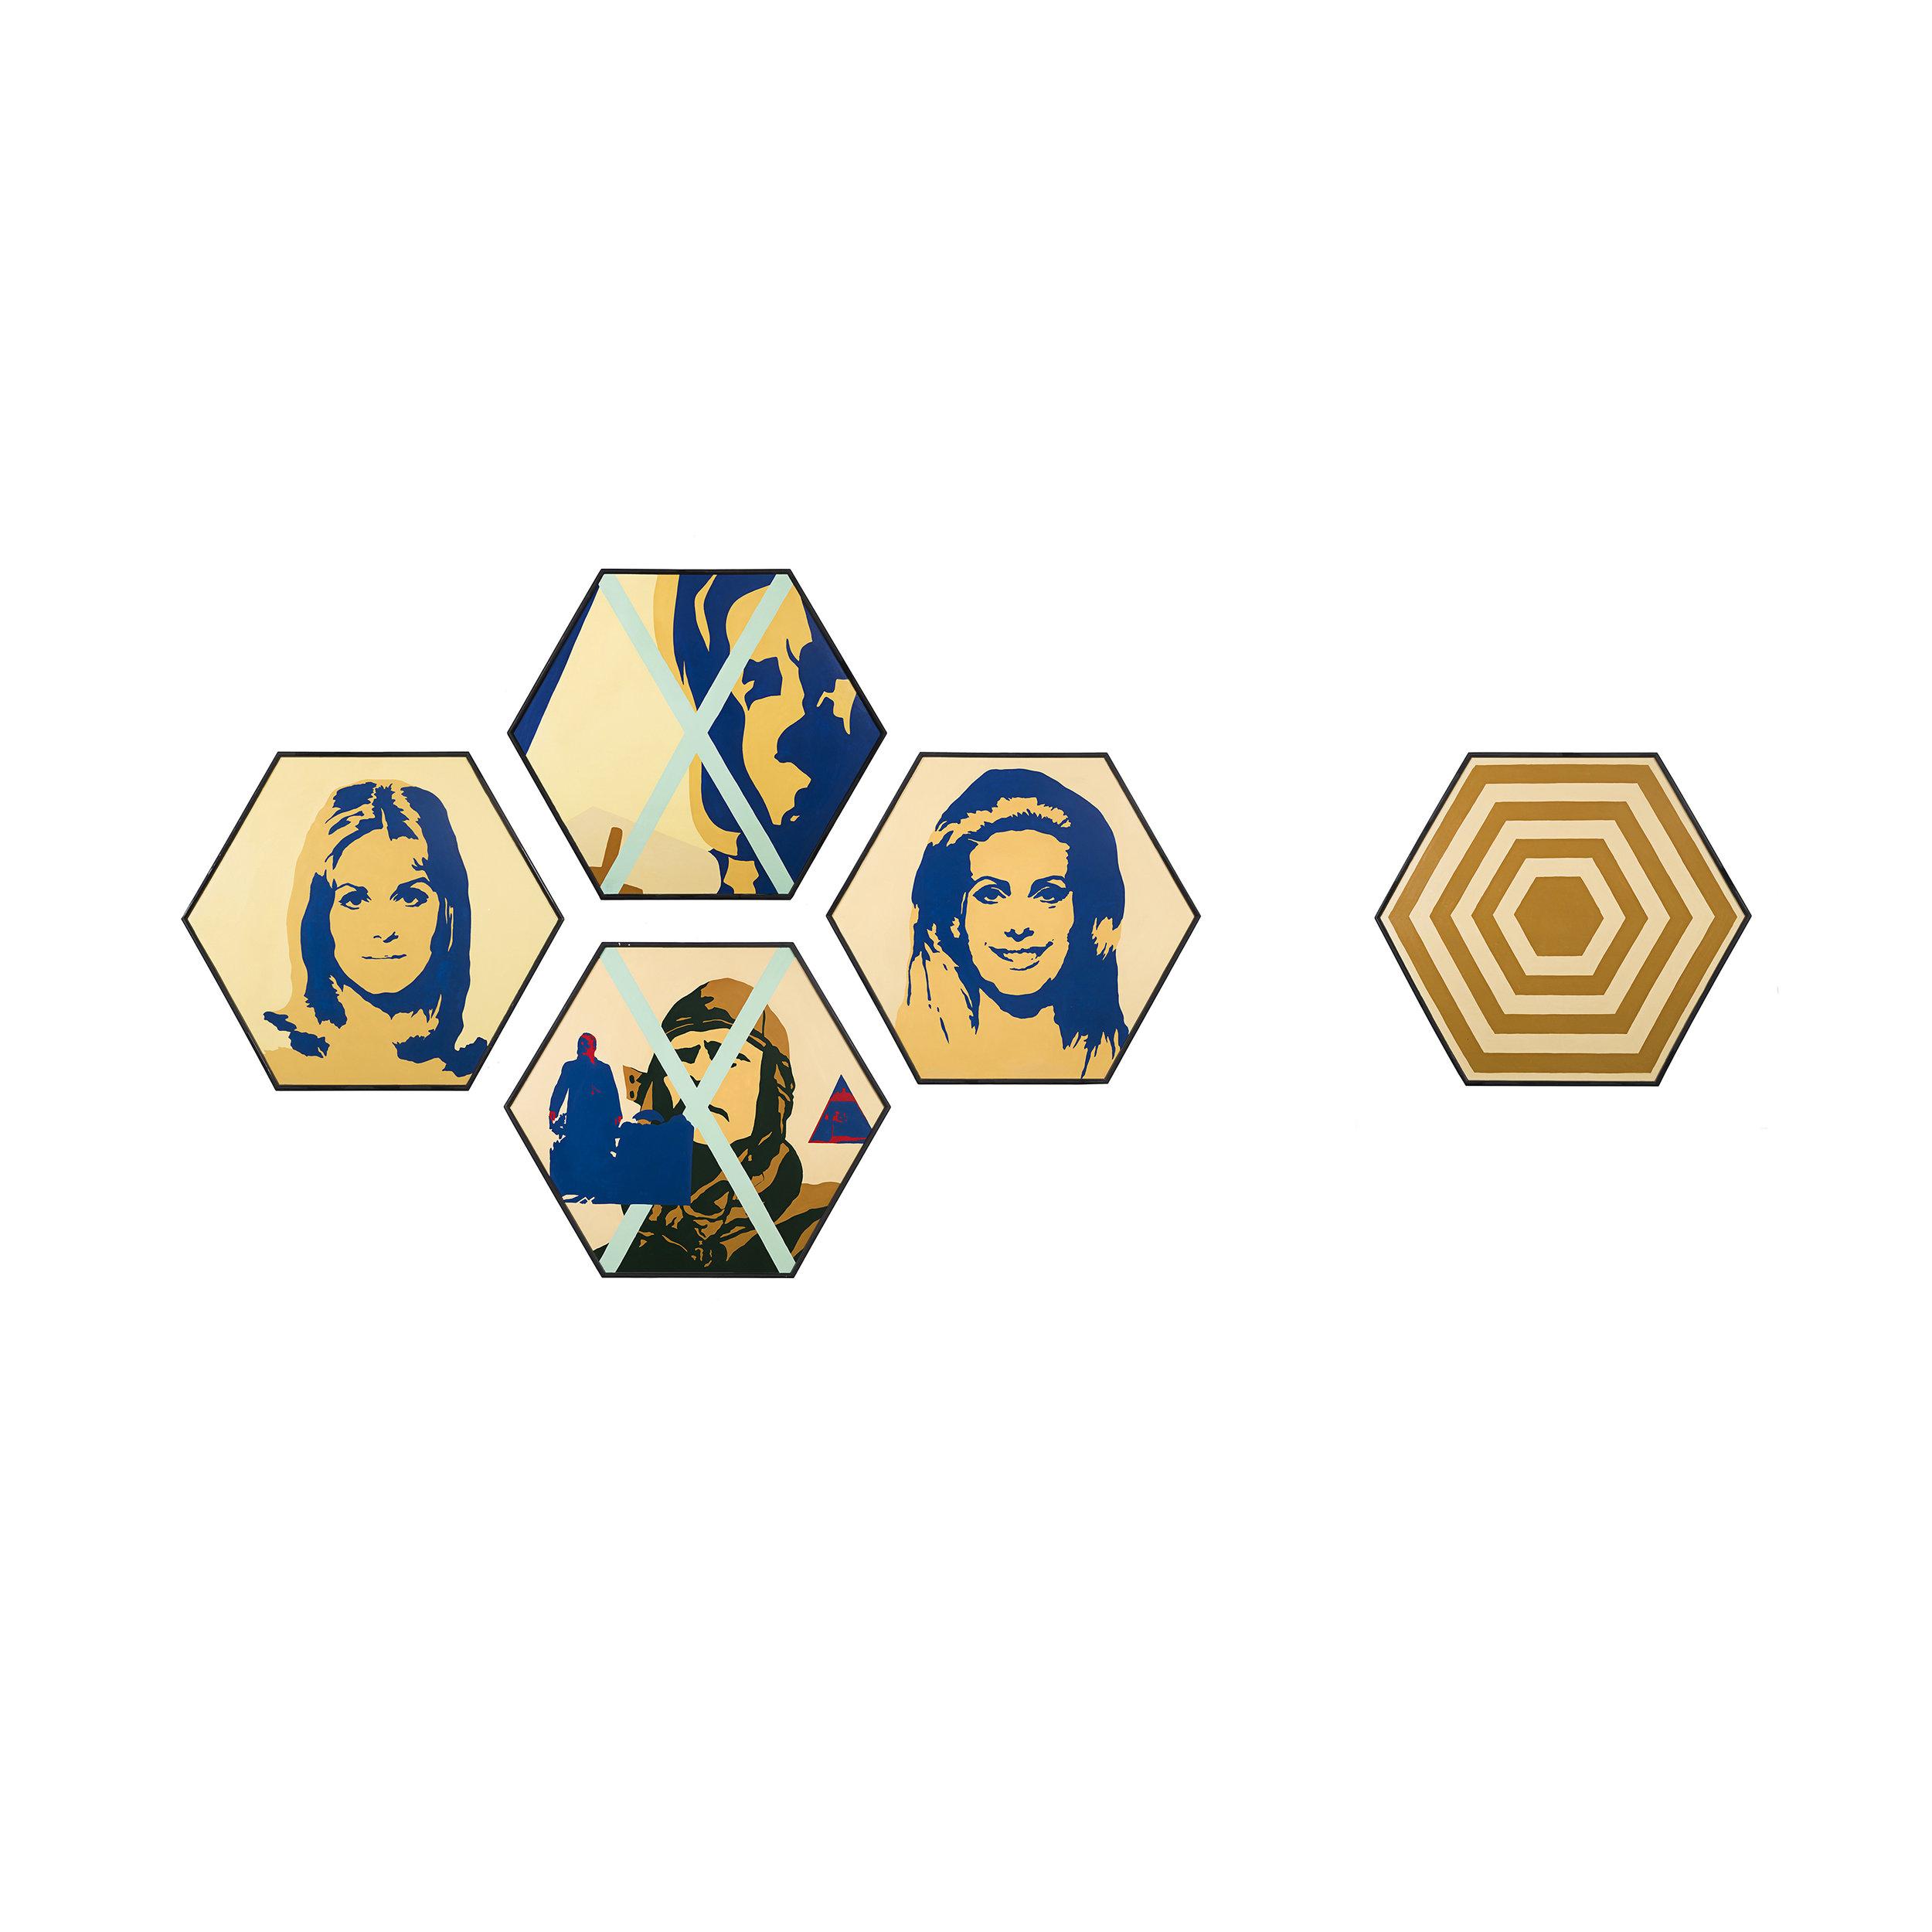 Hexagonal Pictures combination 2.jpg